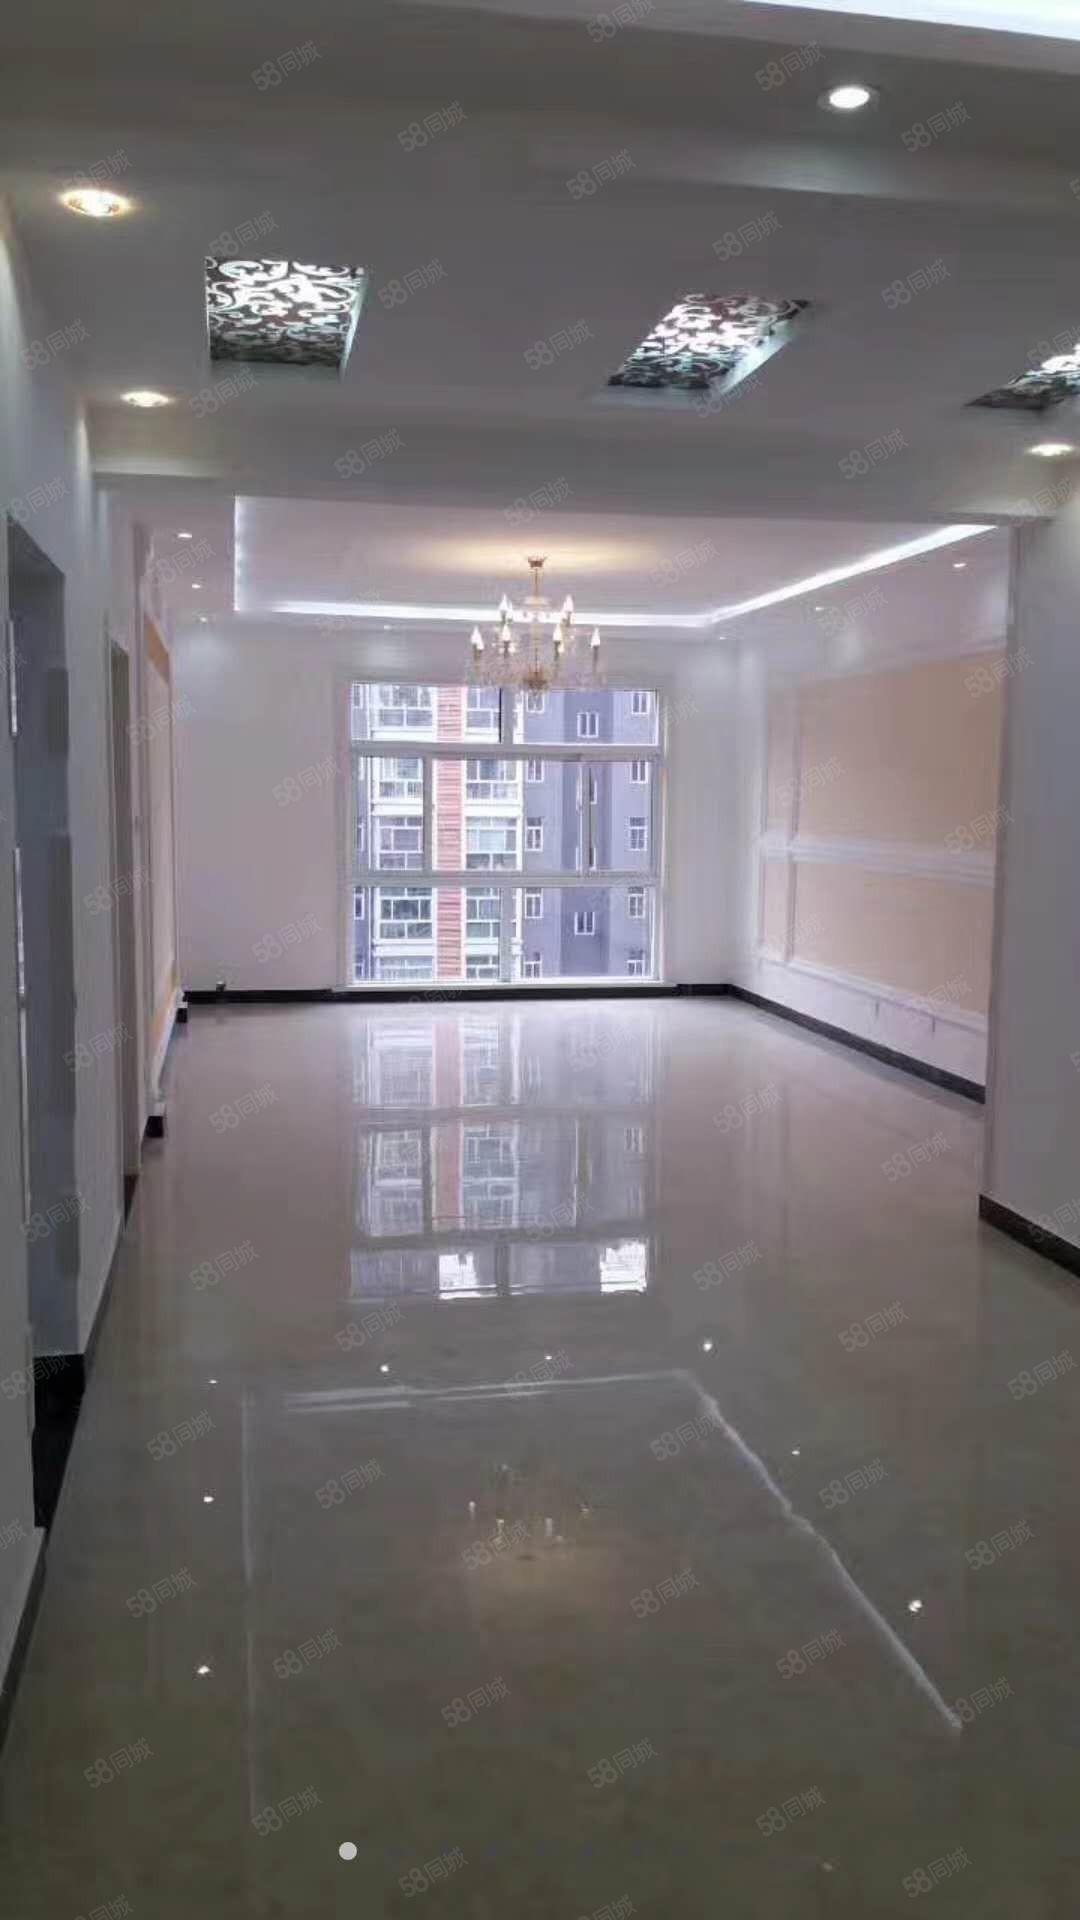 植物园大三居室尚品东方122平米豪华装修6层老本配合贷款